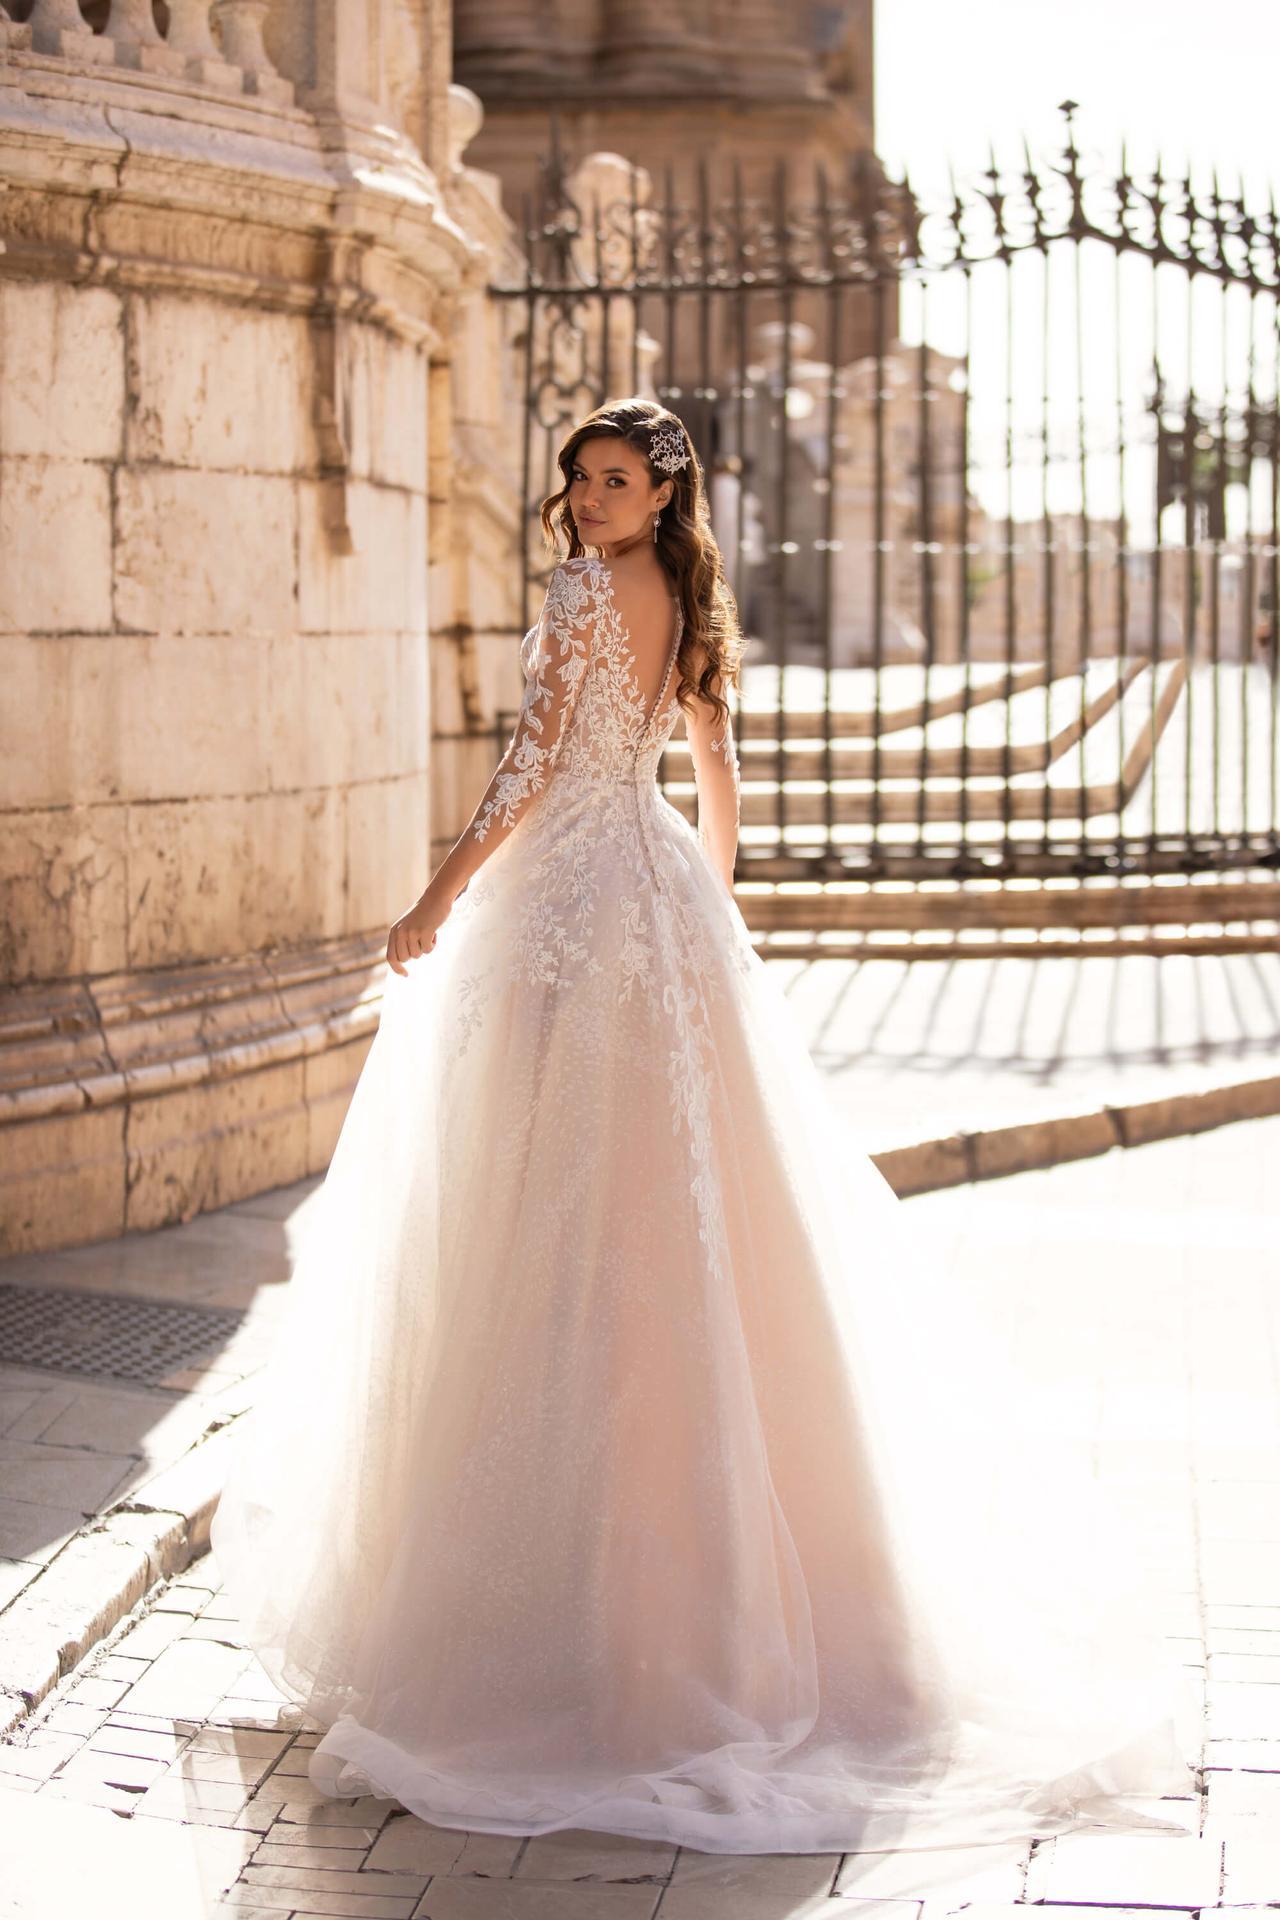 Svatební šaty k prodeji, nebo k zapůjčení - Obrázek č. 2